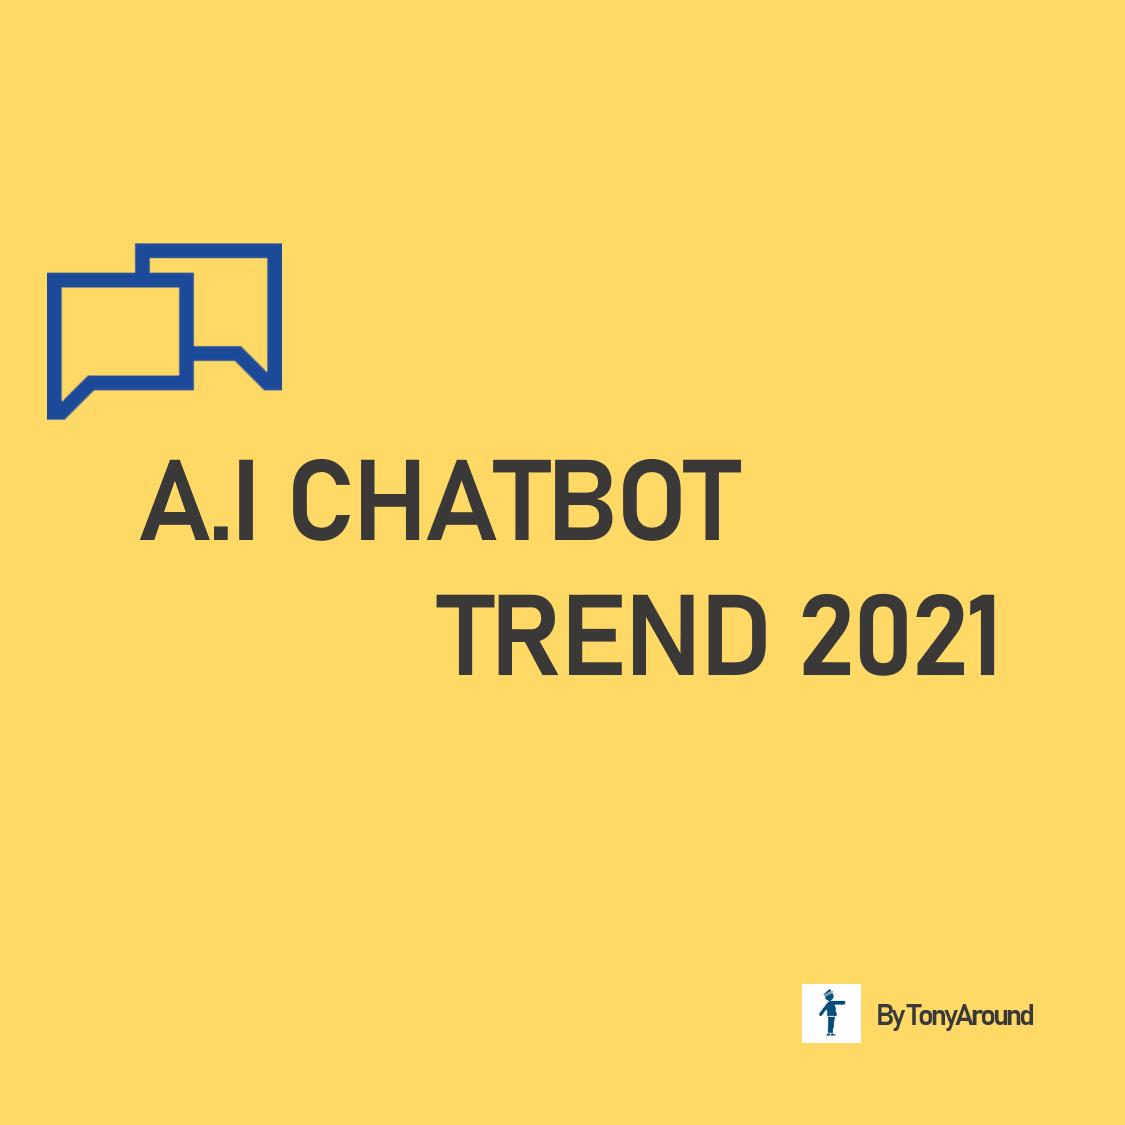 인공지능 챗봇 트렌드 2021: 산업 별 전망 (교육)